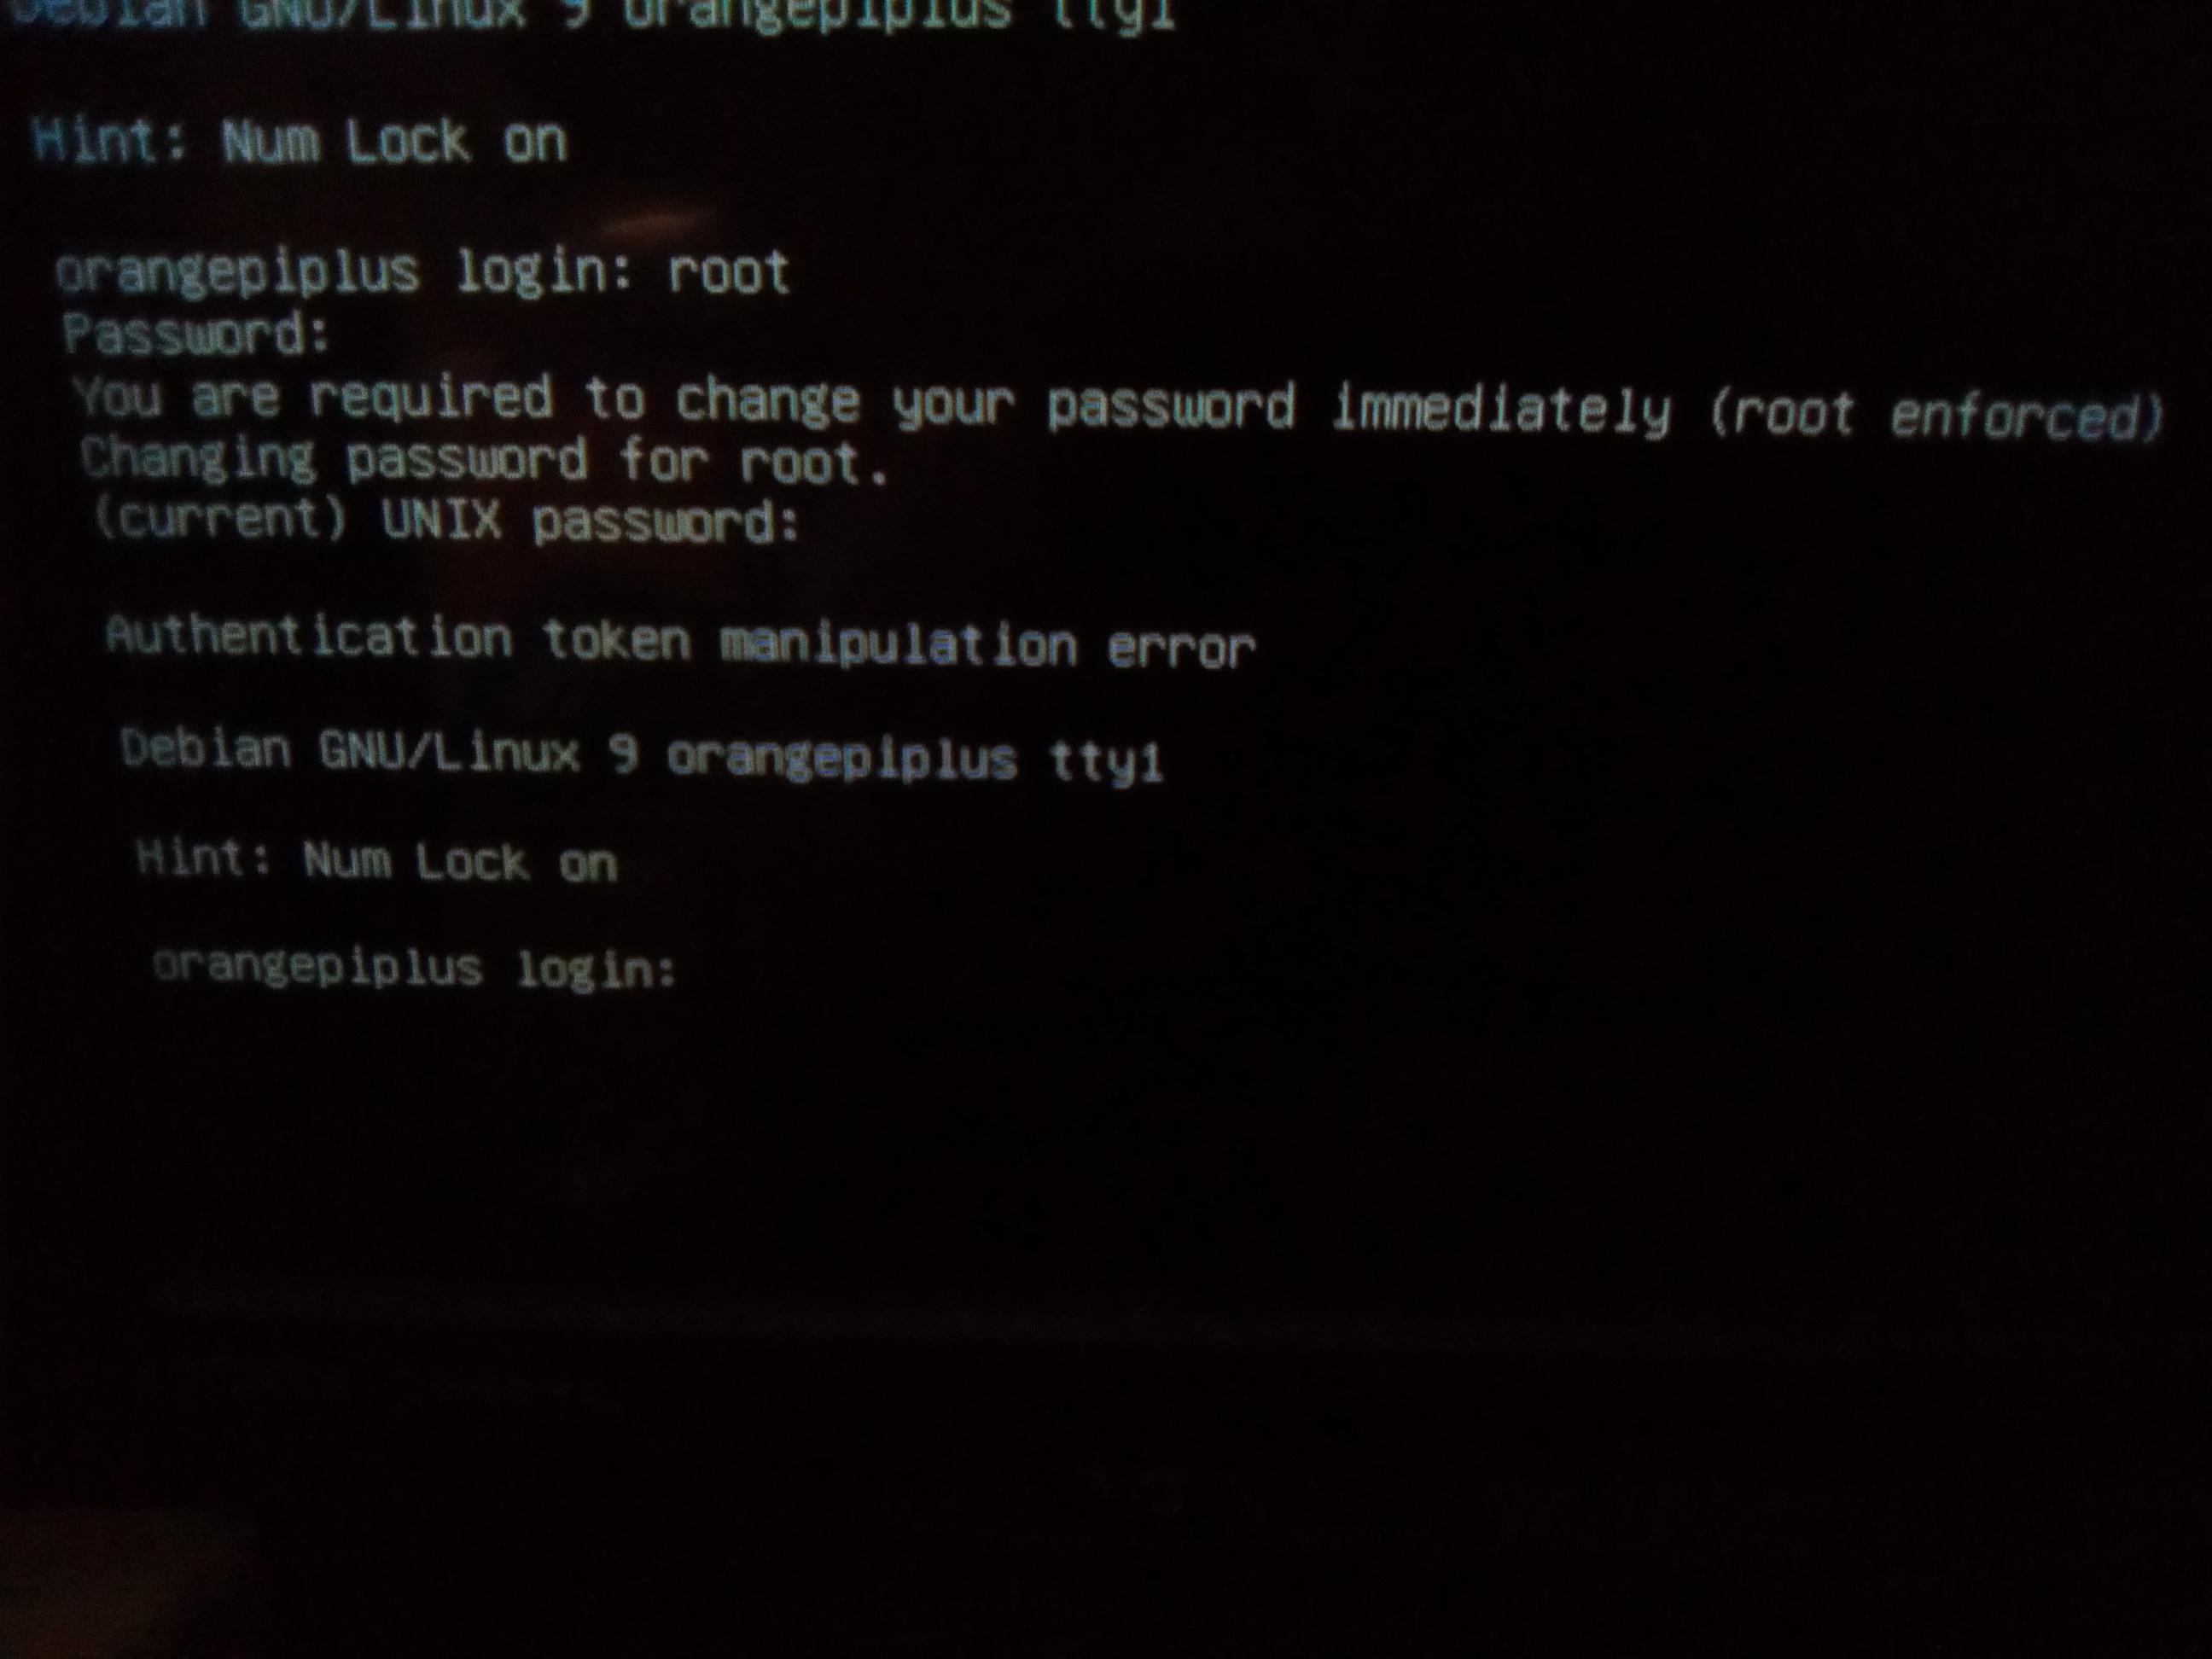 Authentication token manipulation error · Issue #25